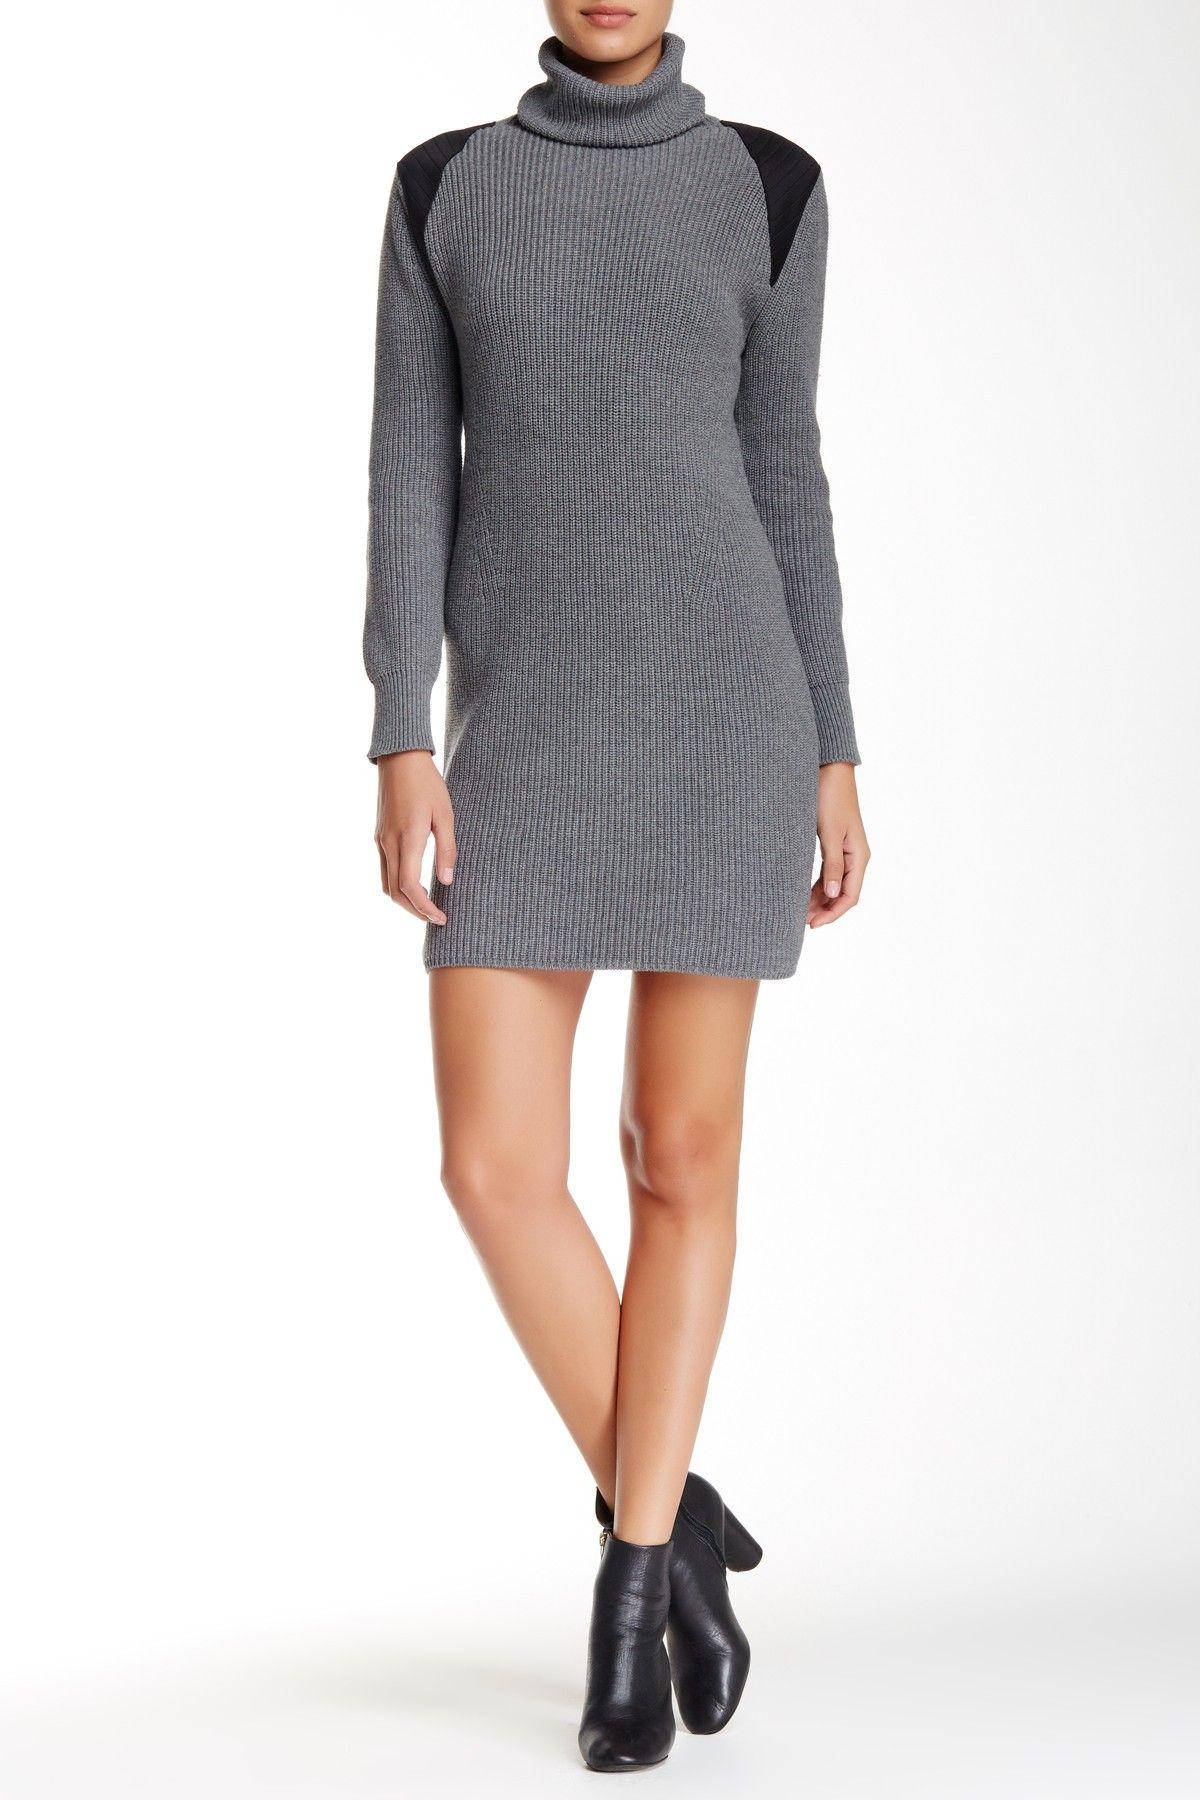 Contrast Trim Knit Dress by 525 America on @HauteLook